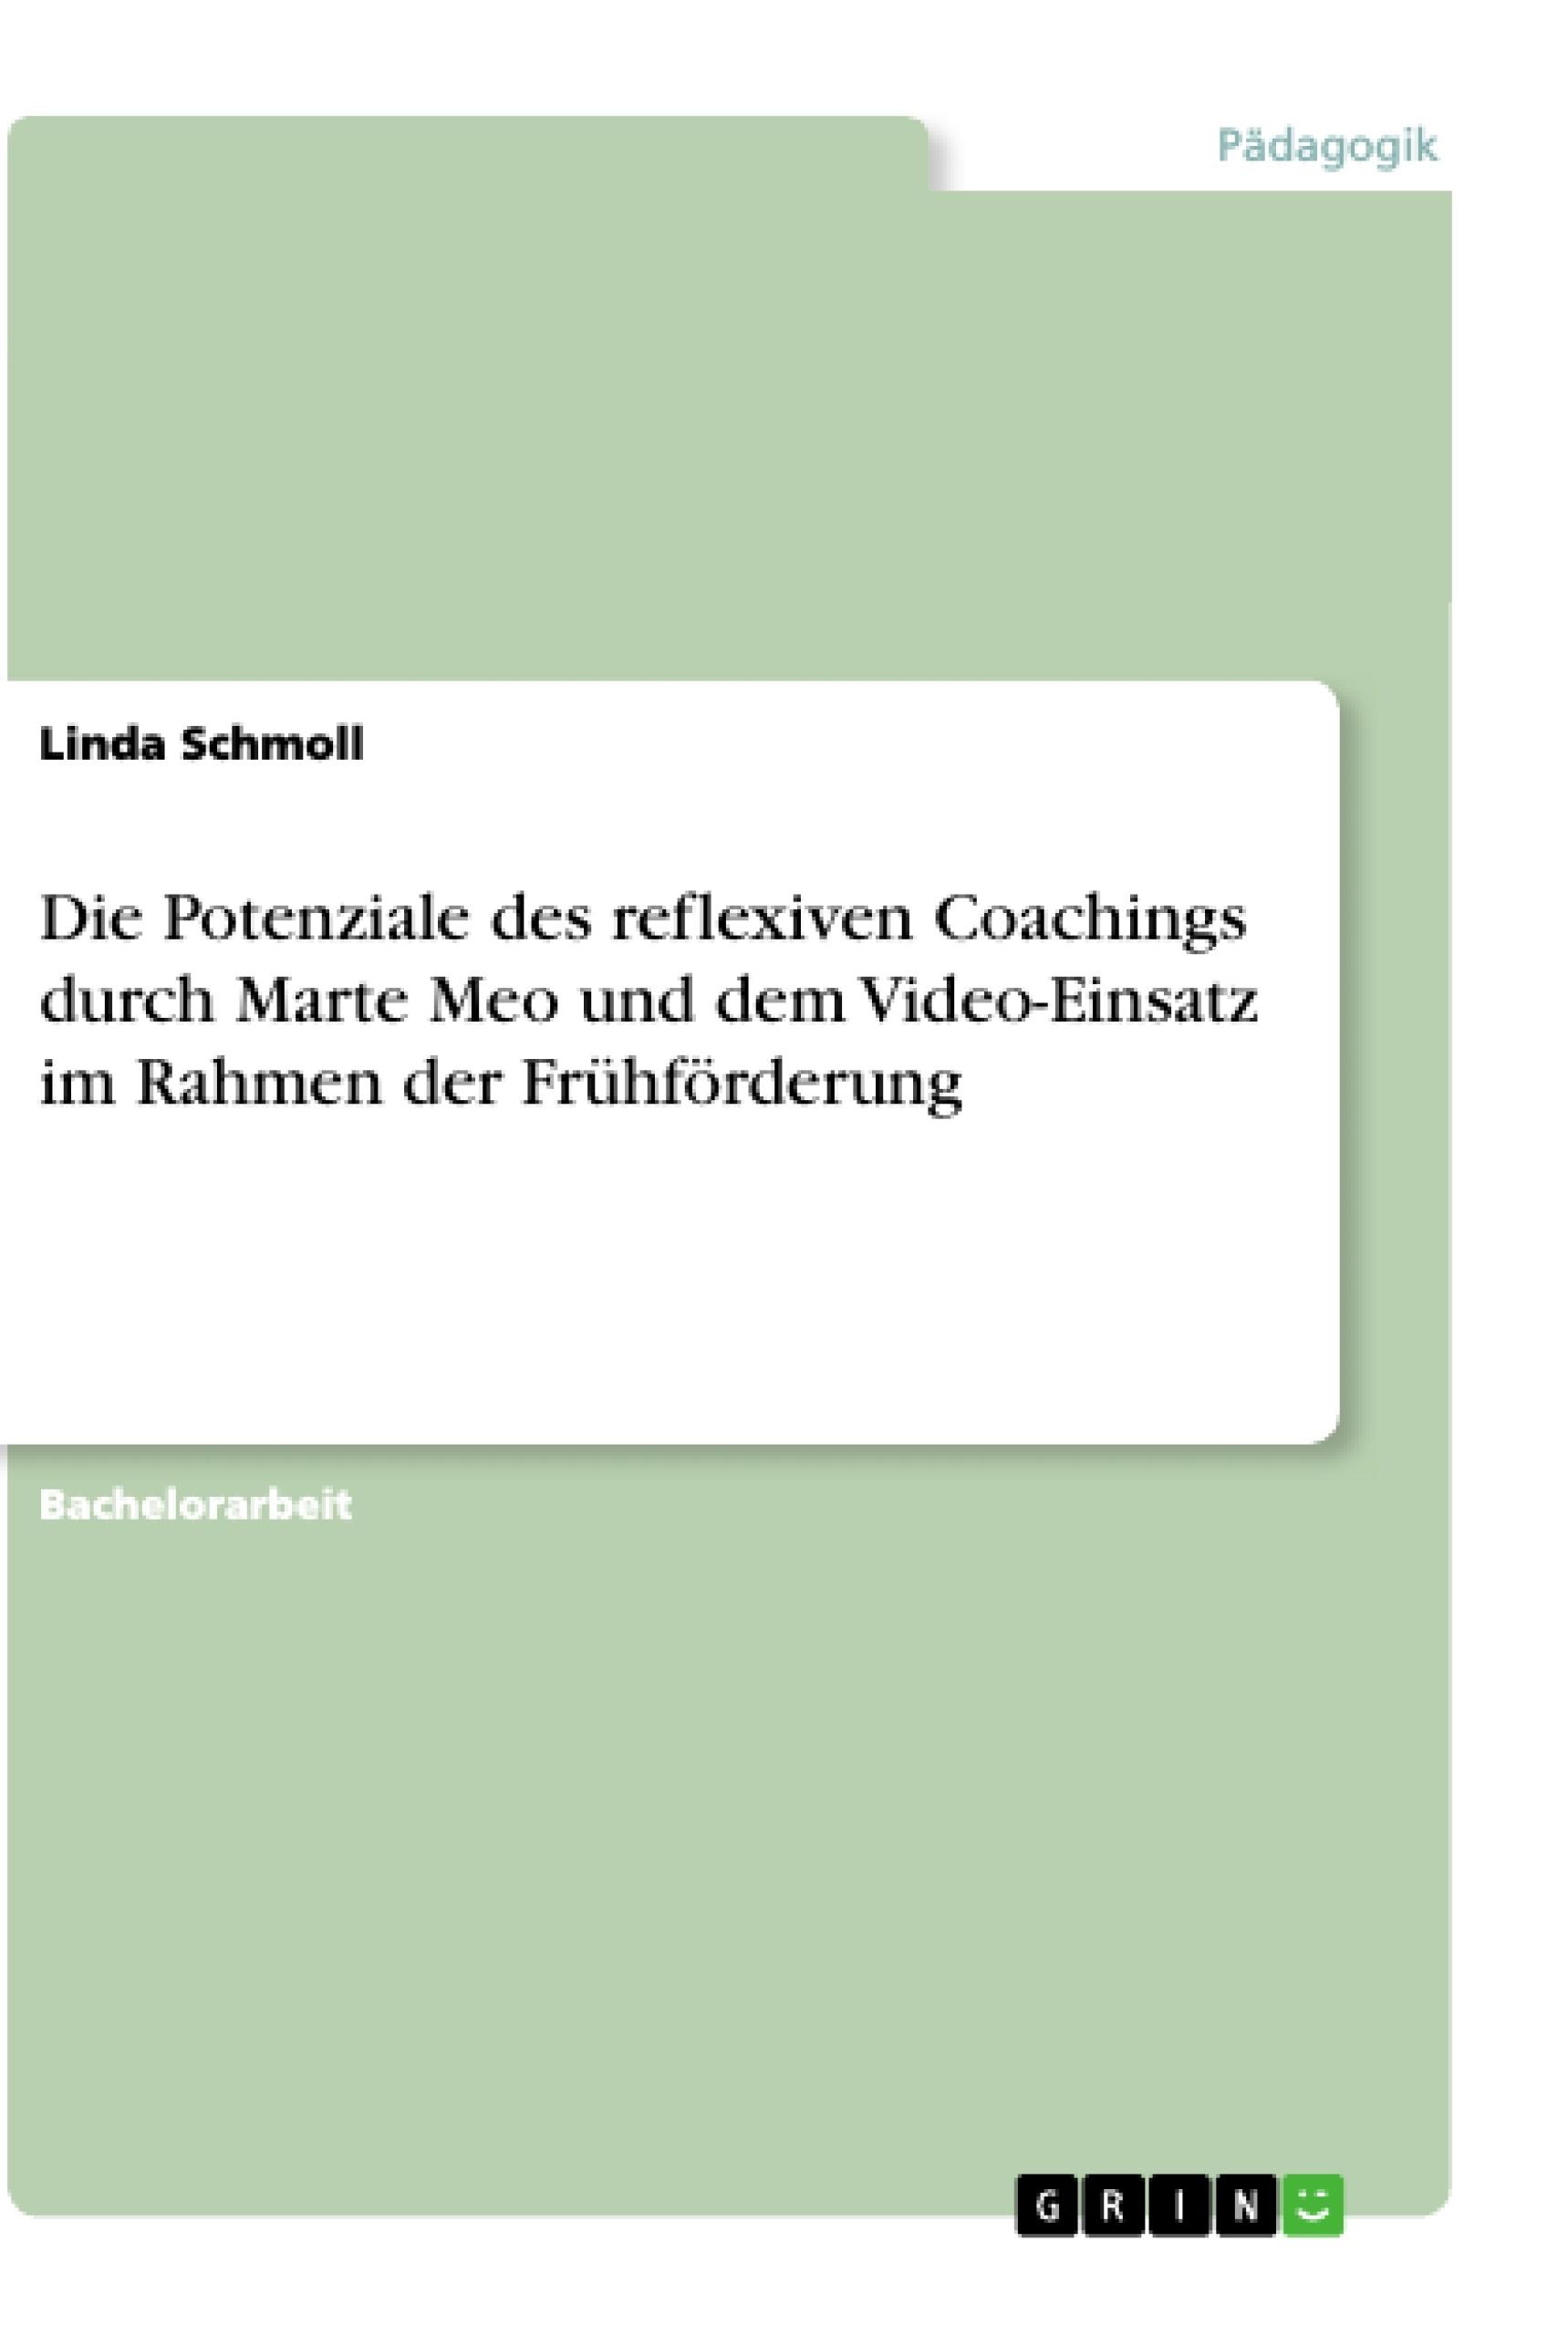 Titel: Die Potenziale des reflexiven Coachings durch Marte Meo und dem Video-Einsatz im Rahmen der Frühförderung